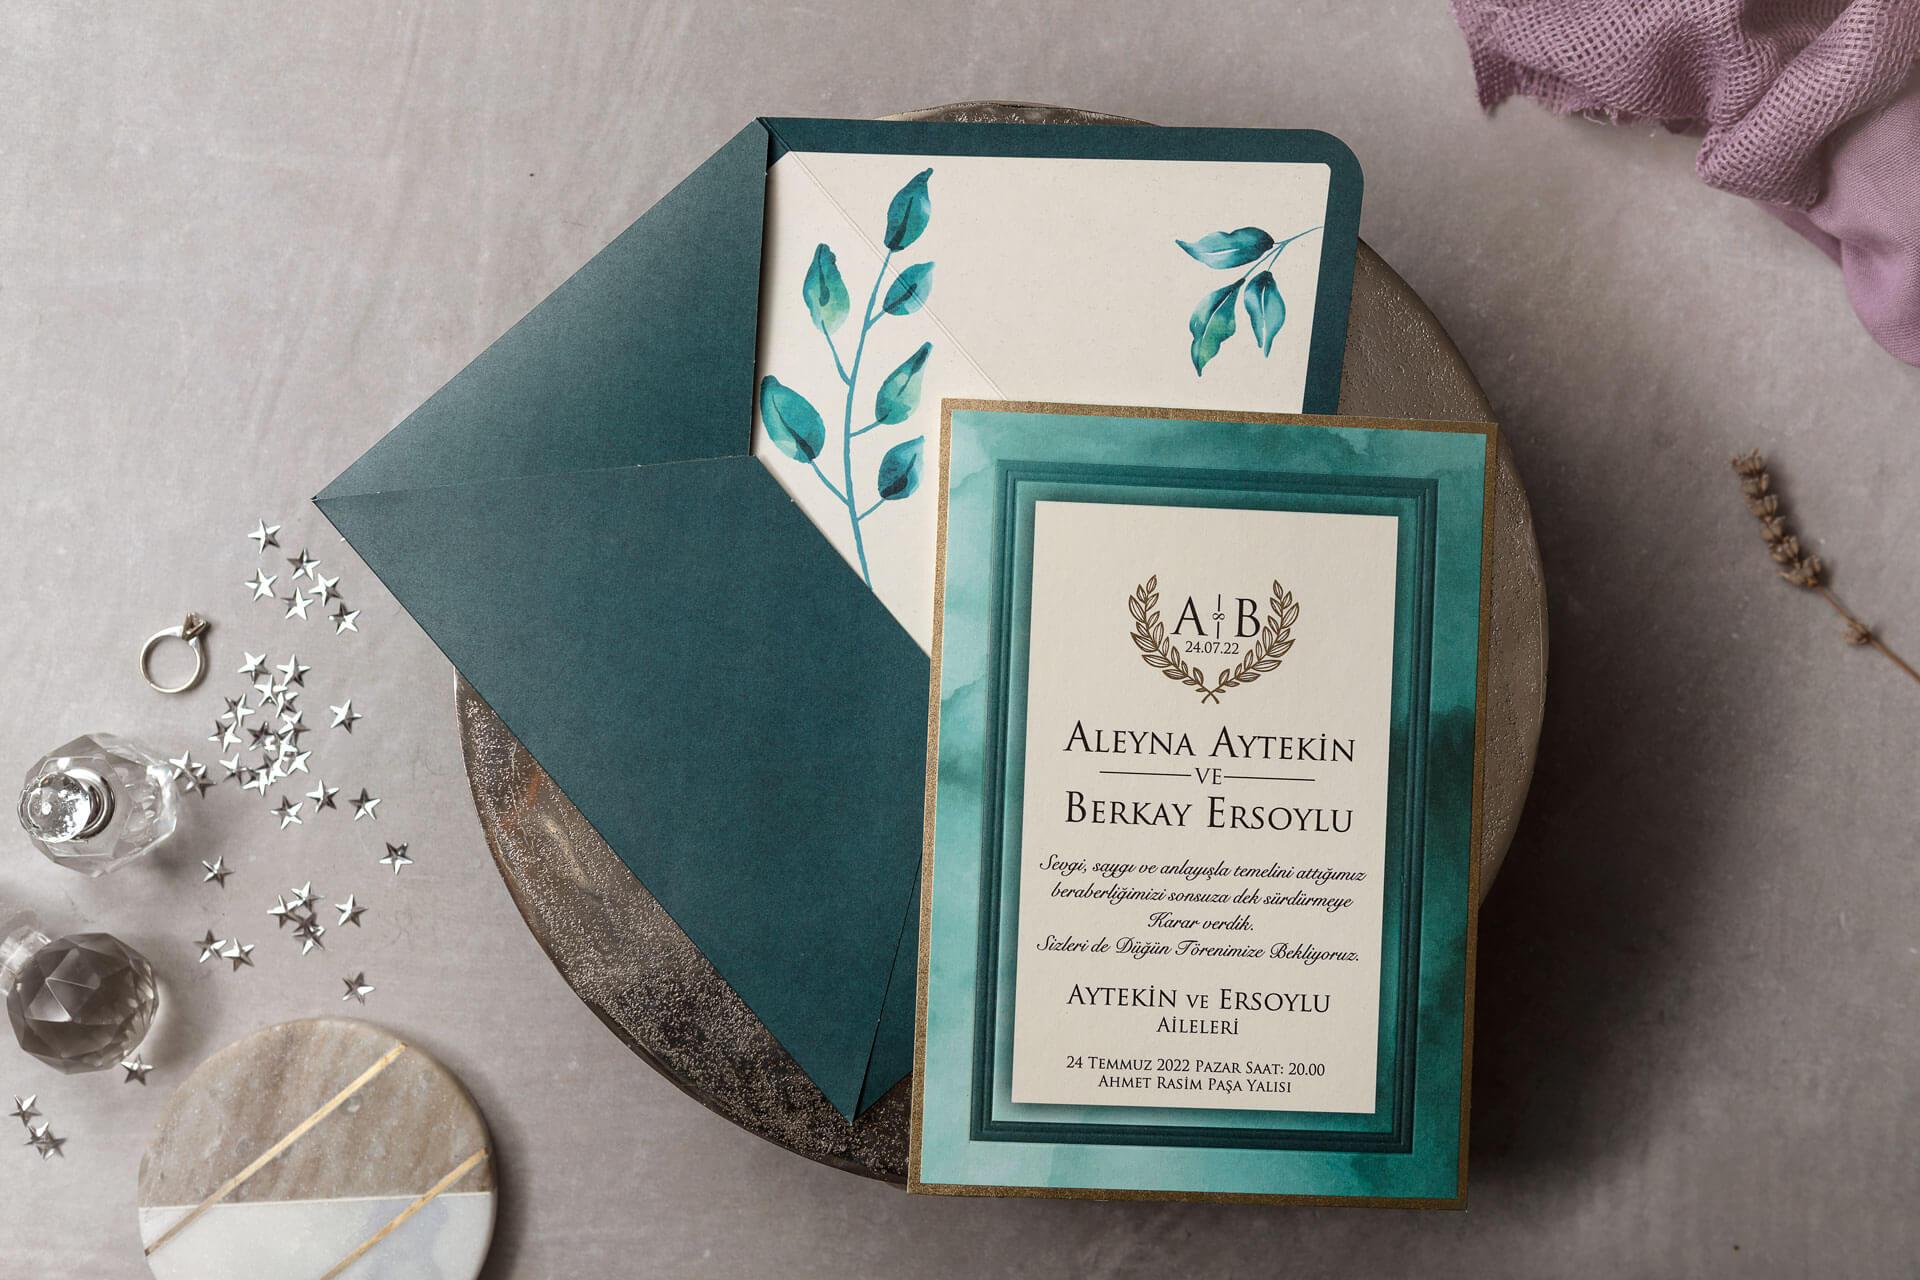 suluboya-yapraklı-davetiye-8443-2